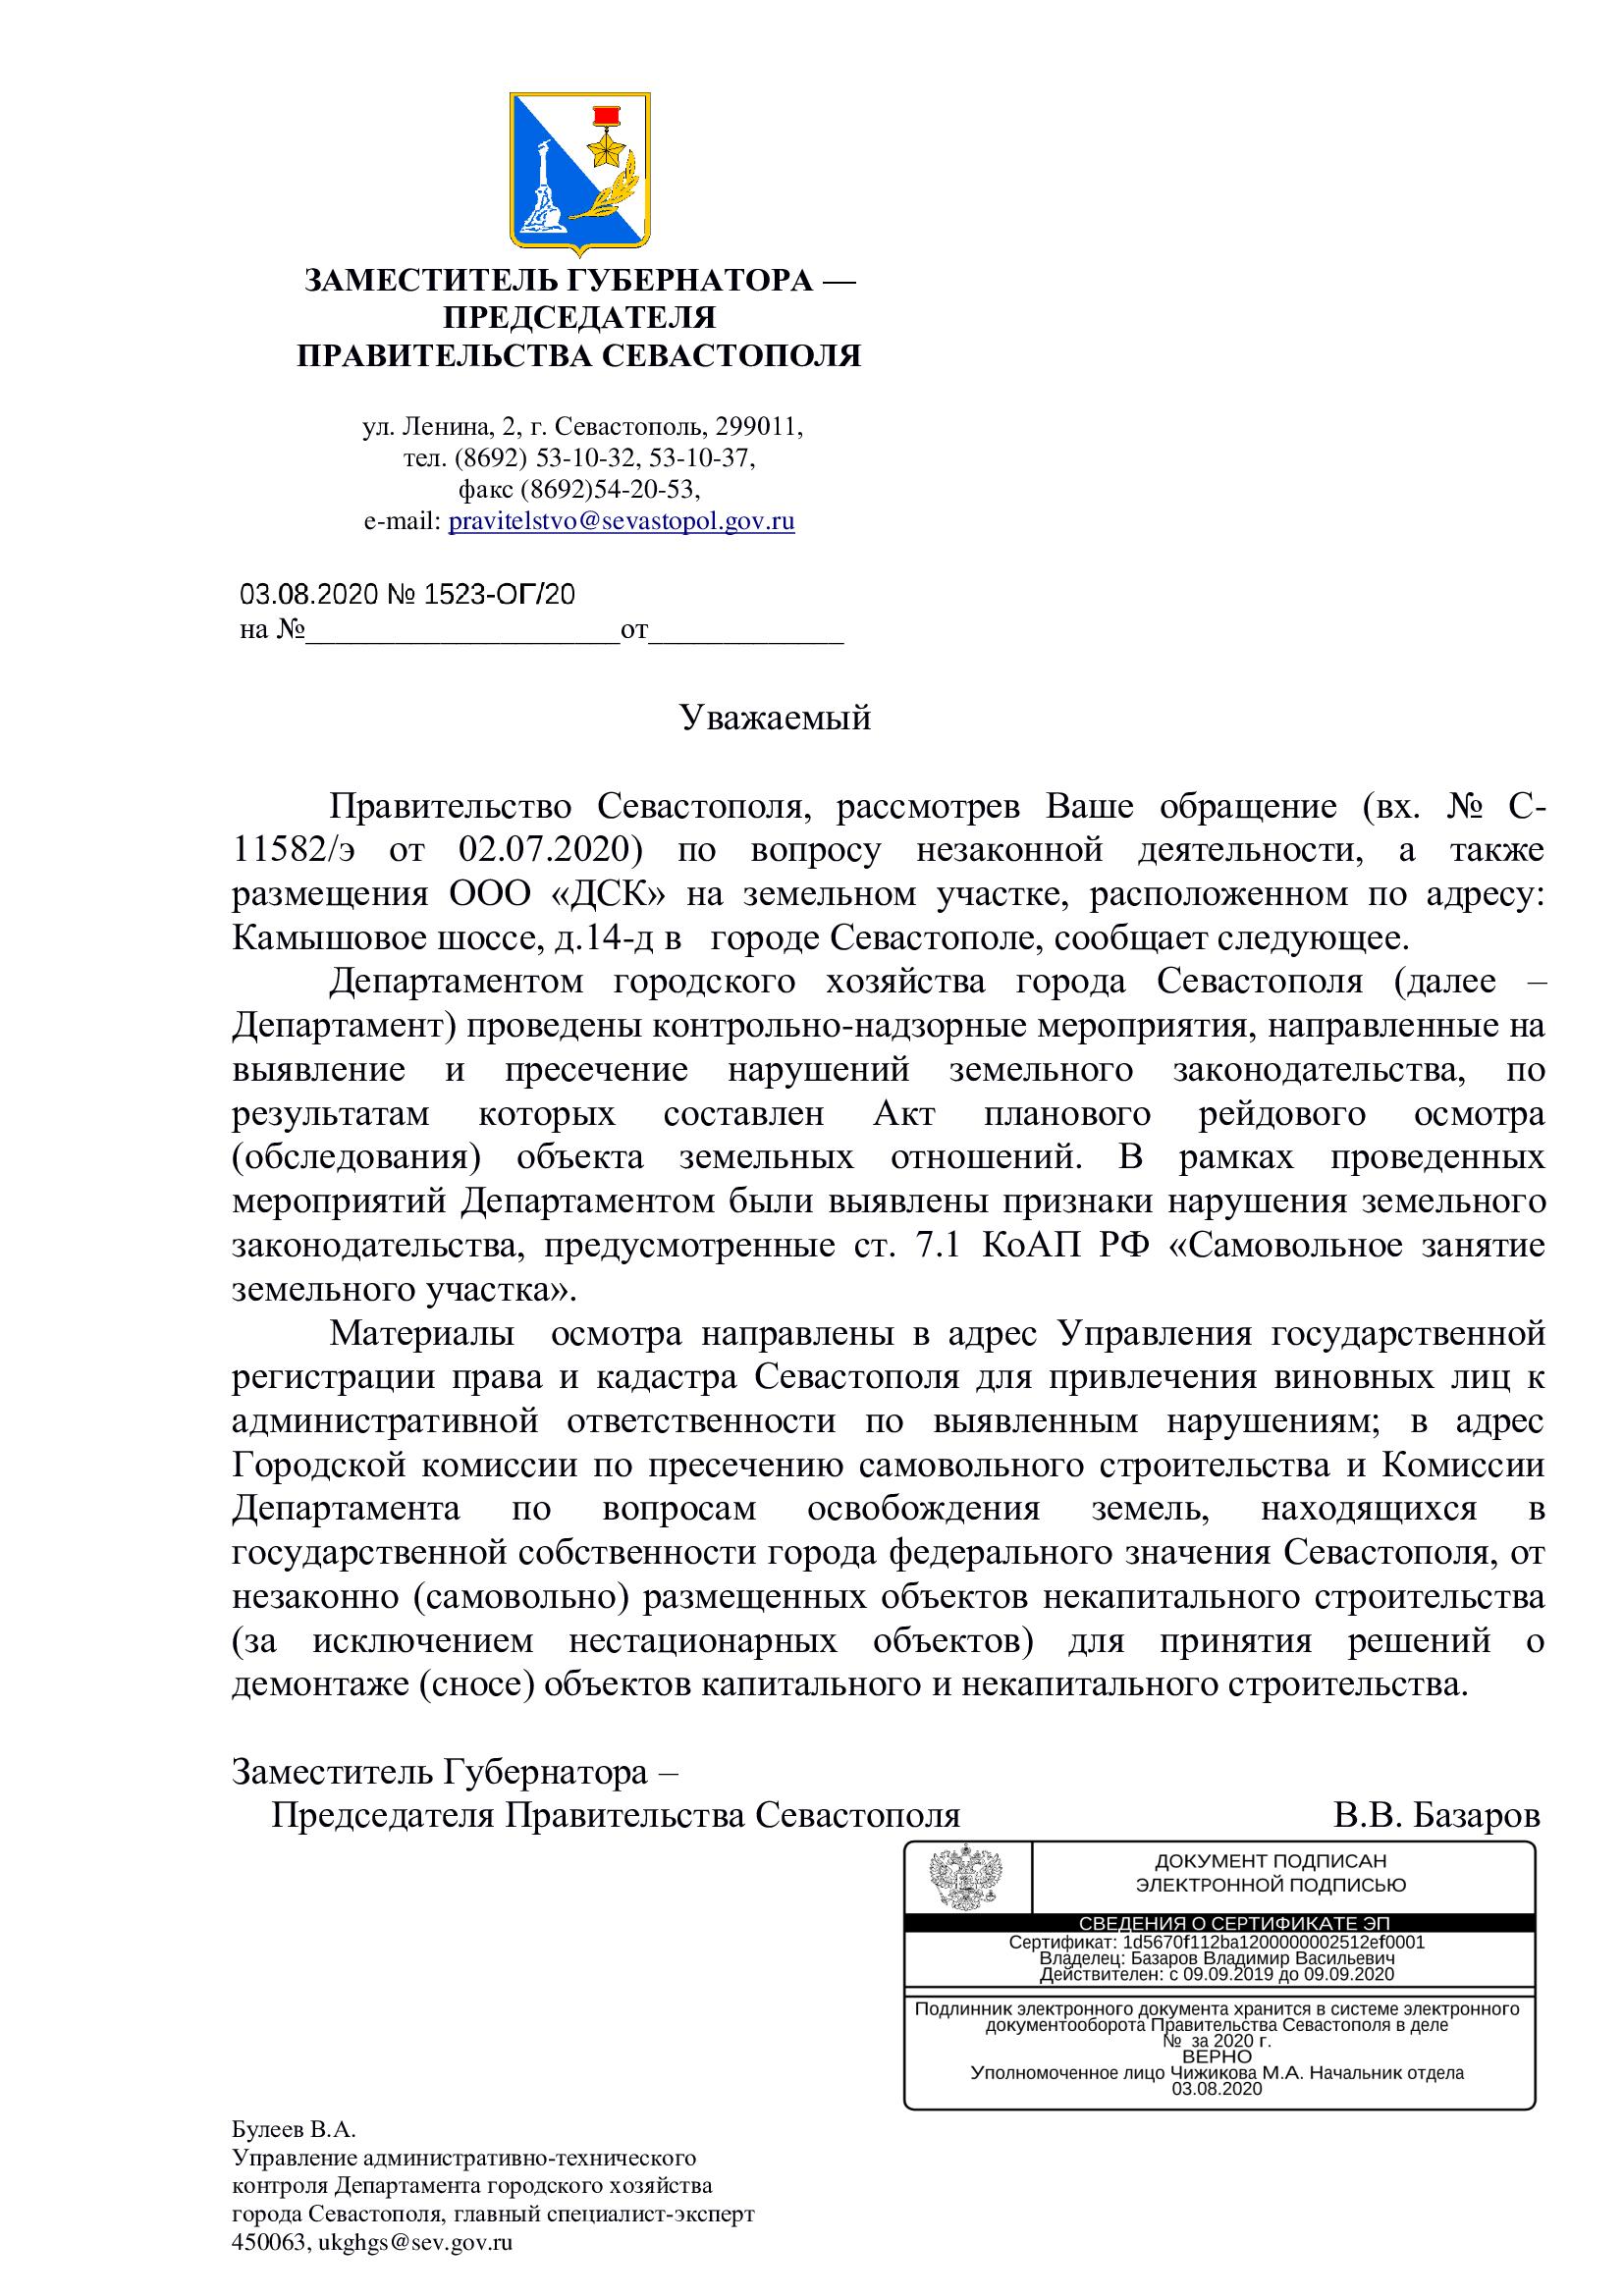 В.В. Базаров проинформировал местных жителей